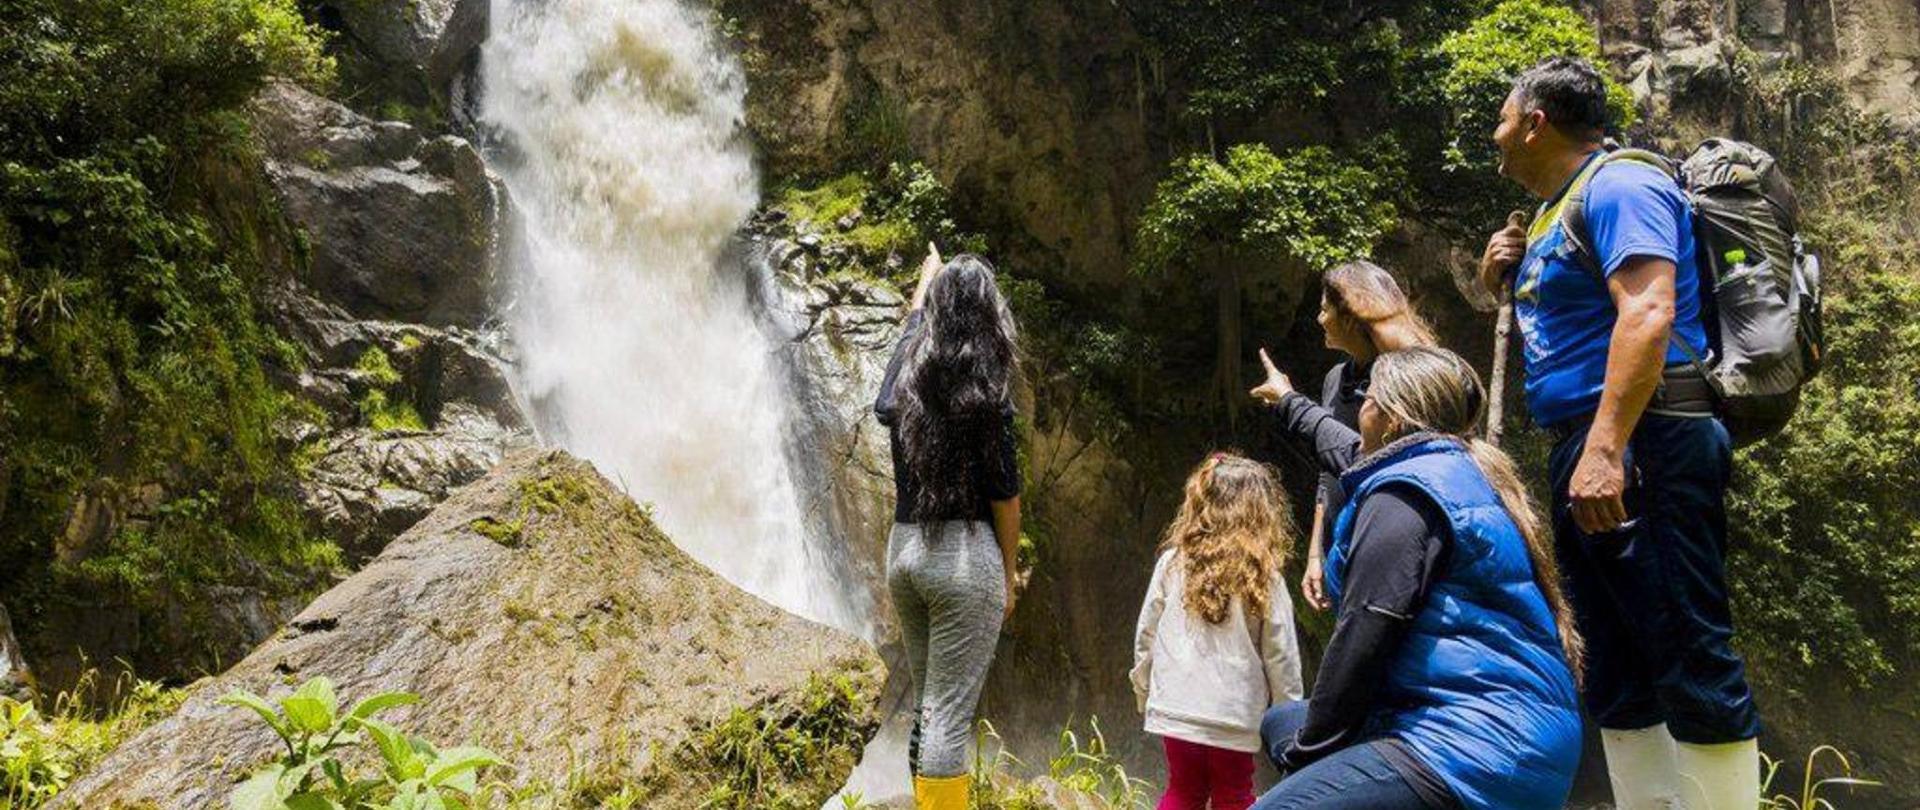 cascada-ulba-9502-001-2.jpg